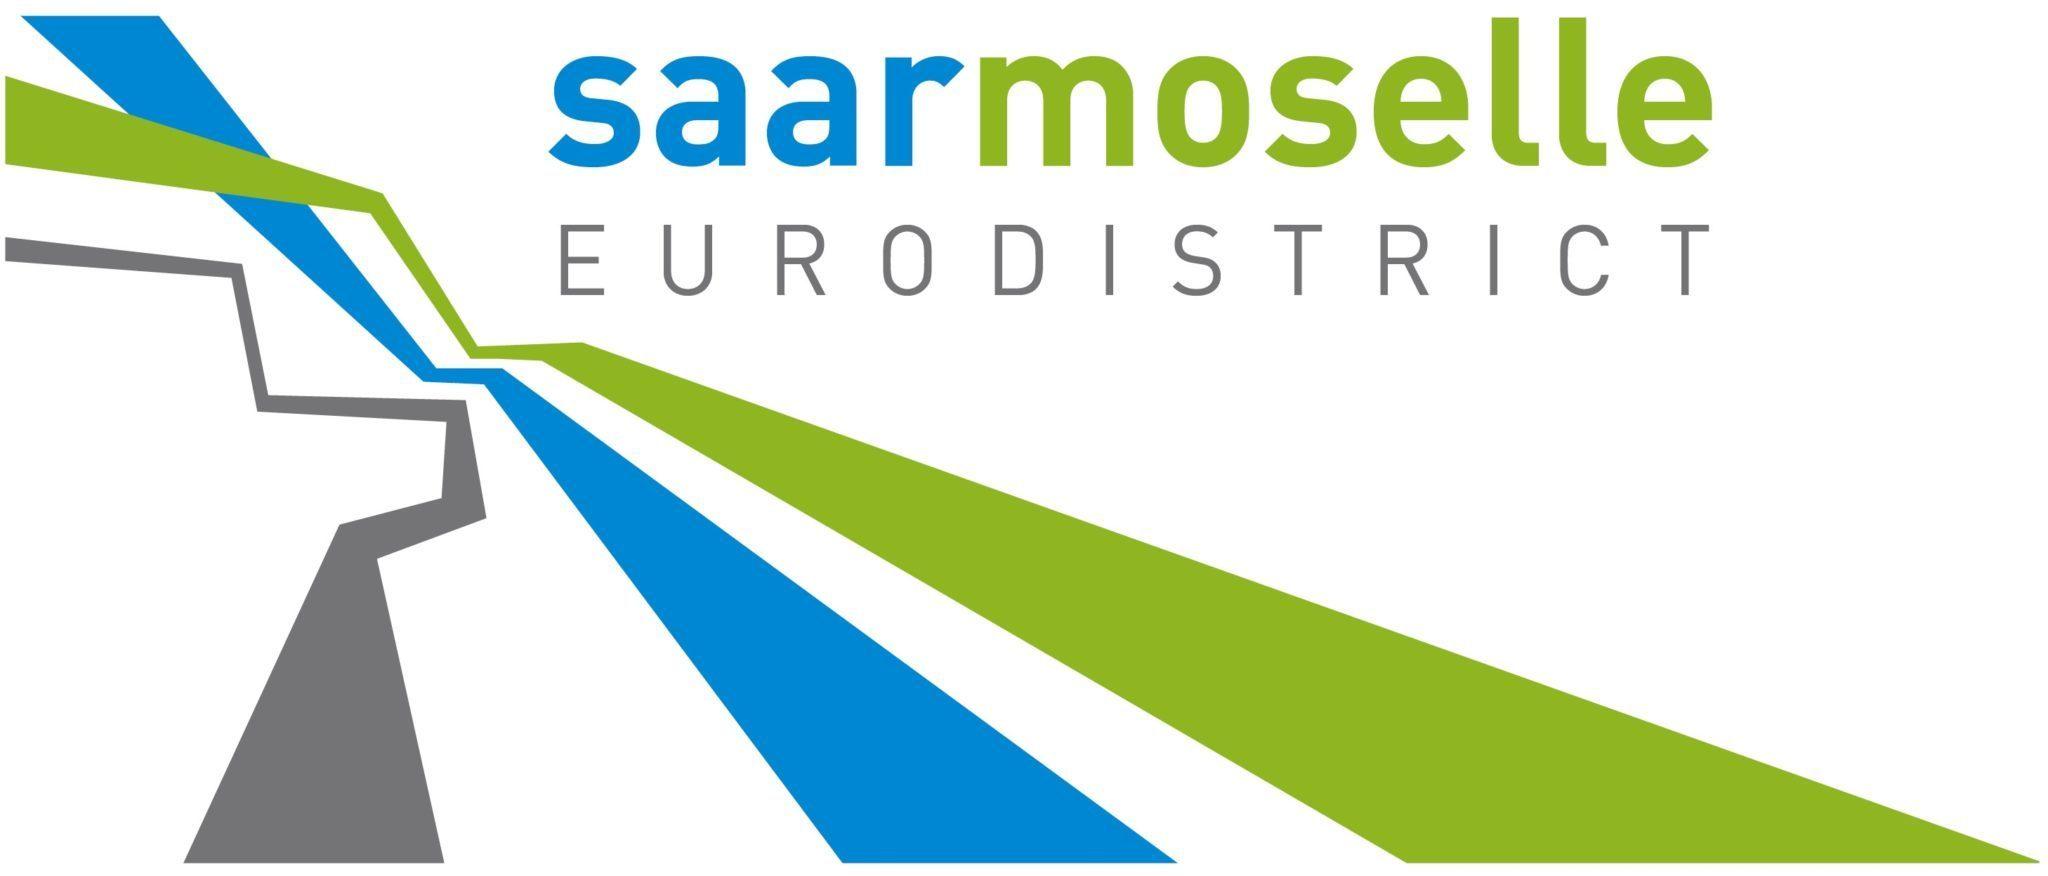 Eurodistrict SaarMoselle